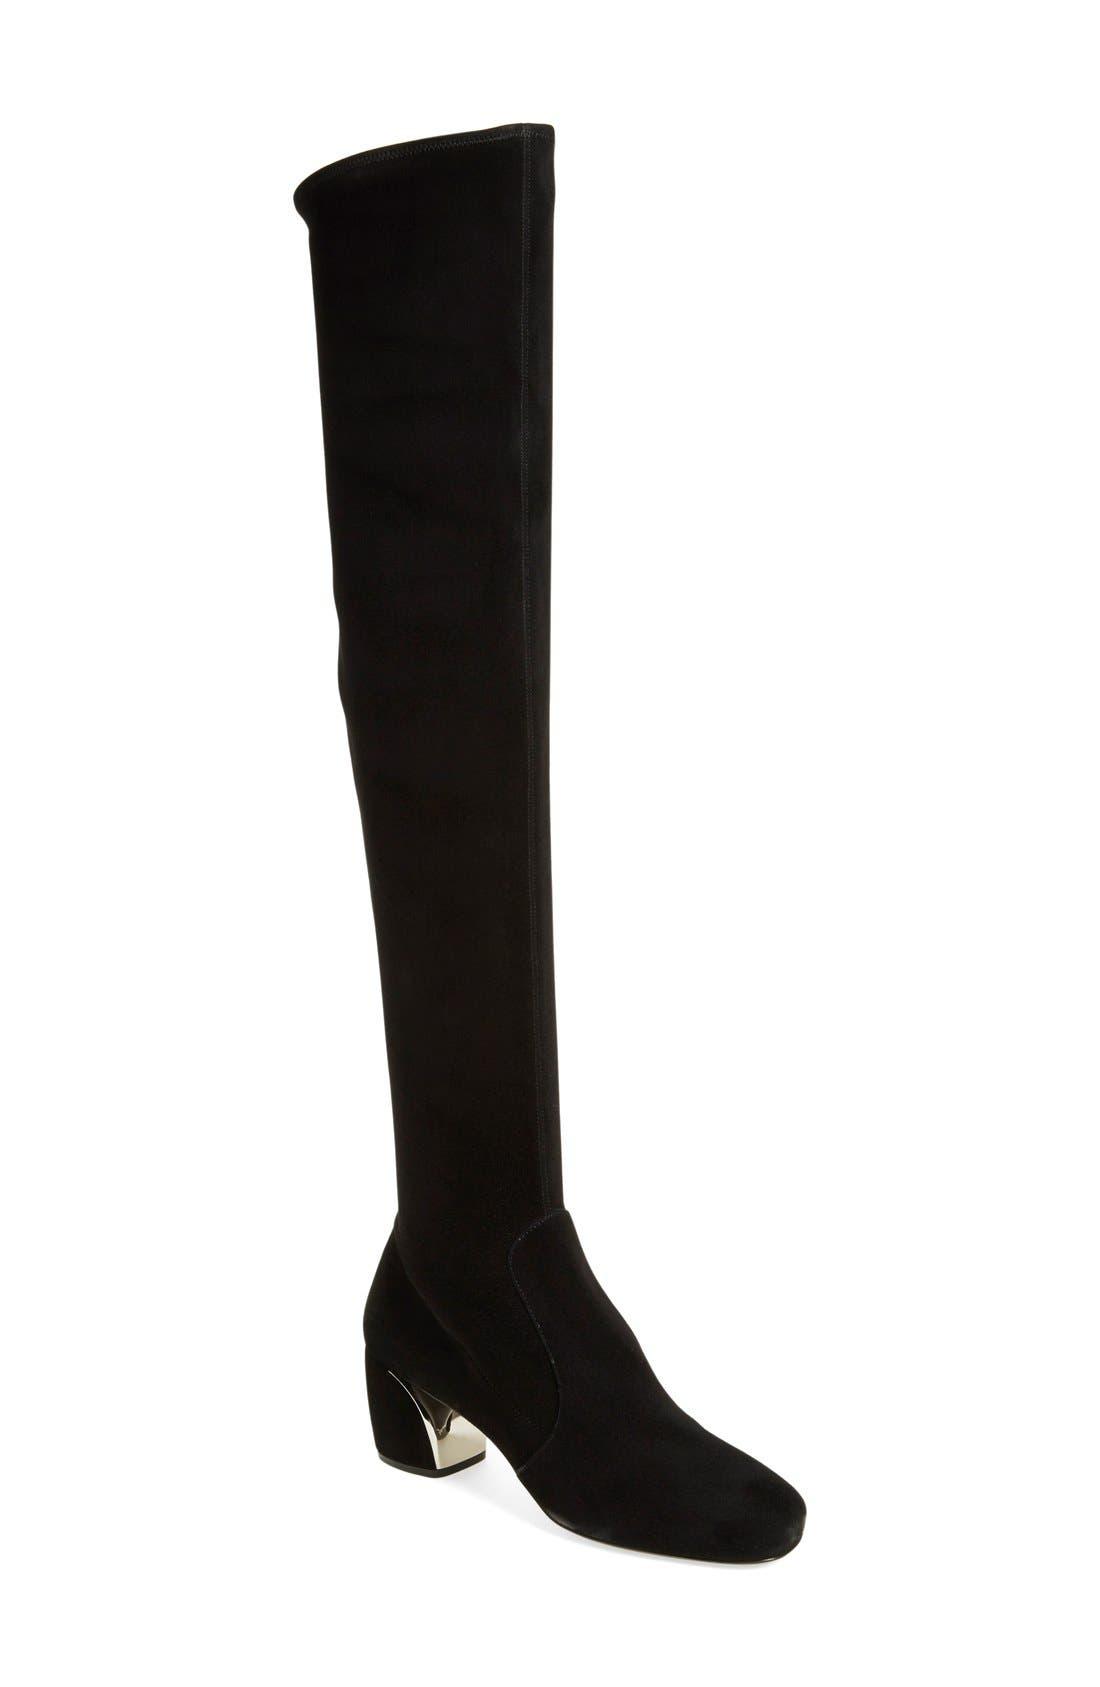 Main Image - Prada Over the Knee Boot (Women)